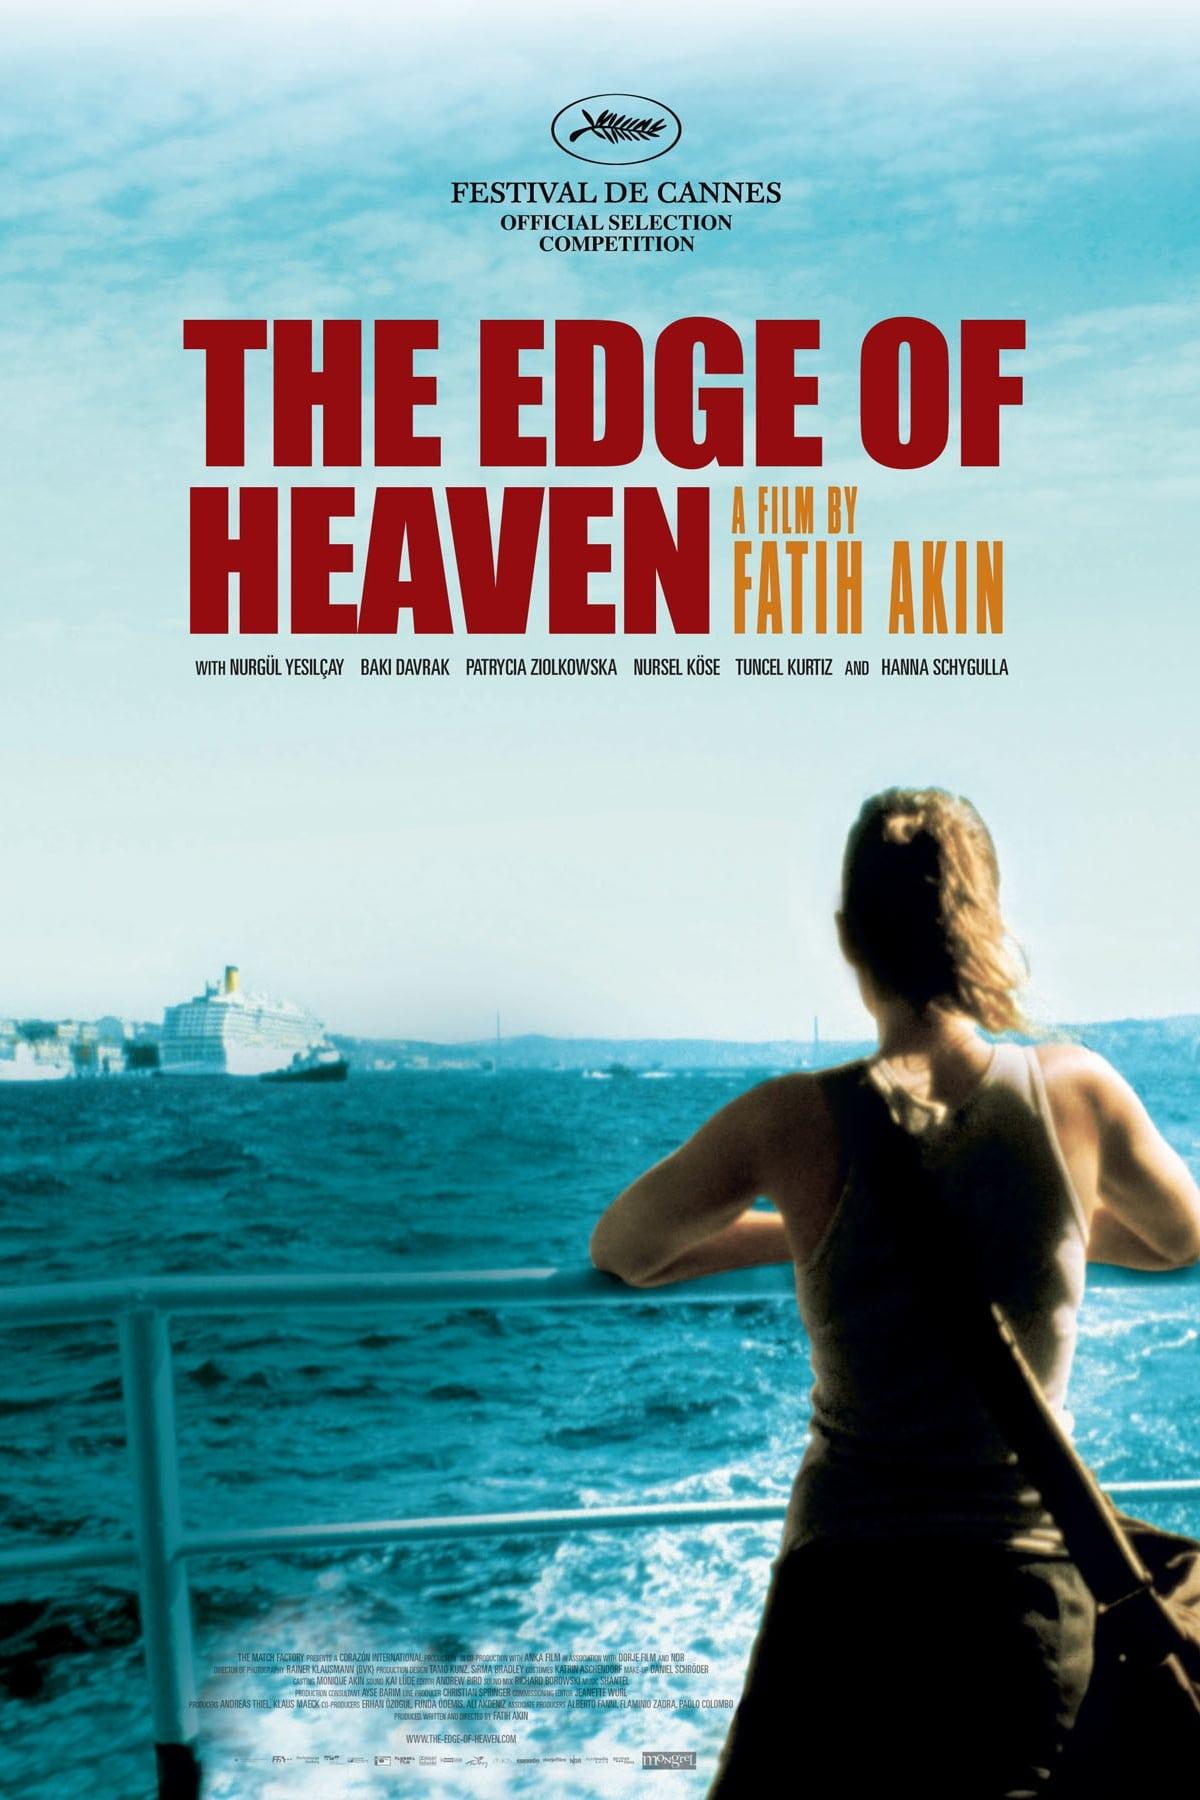 The Edge of Heaven / Auf der anderen Seite